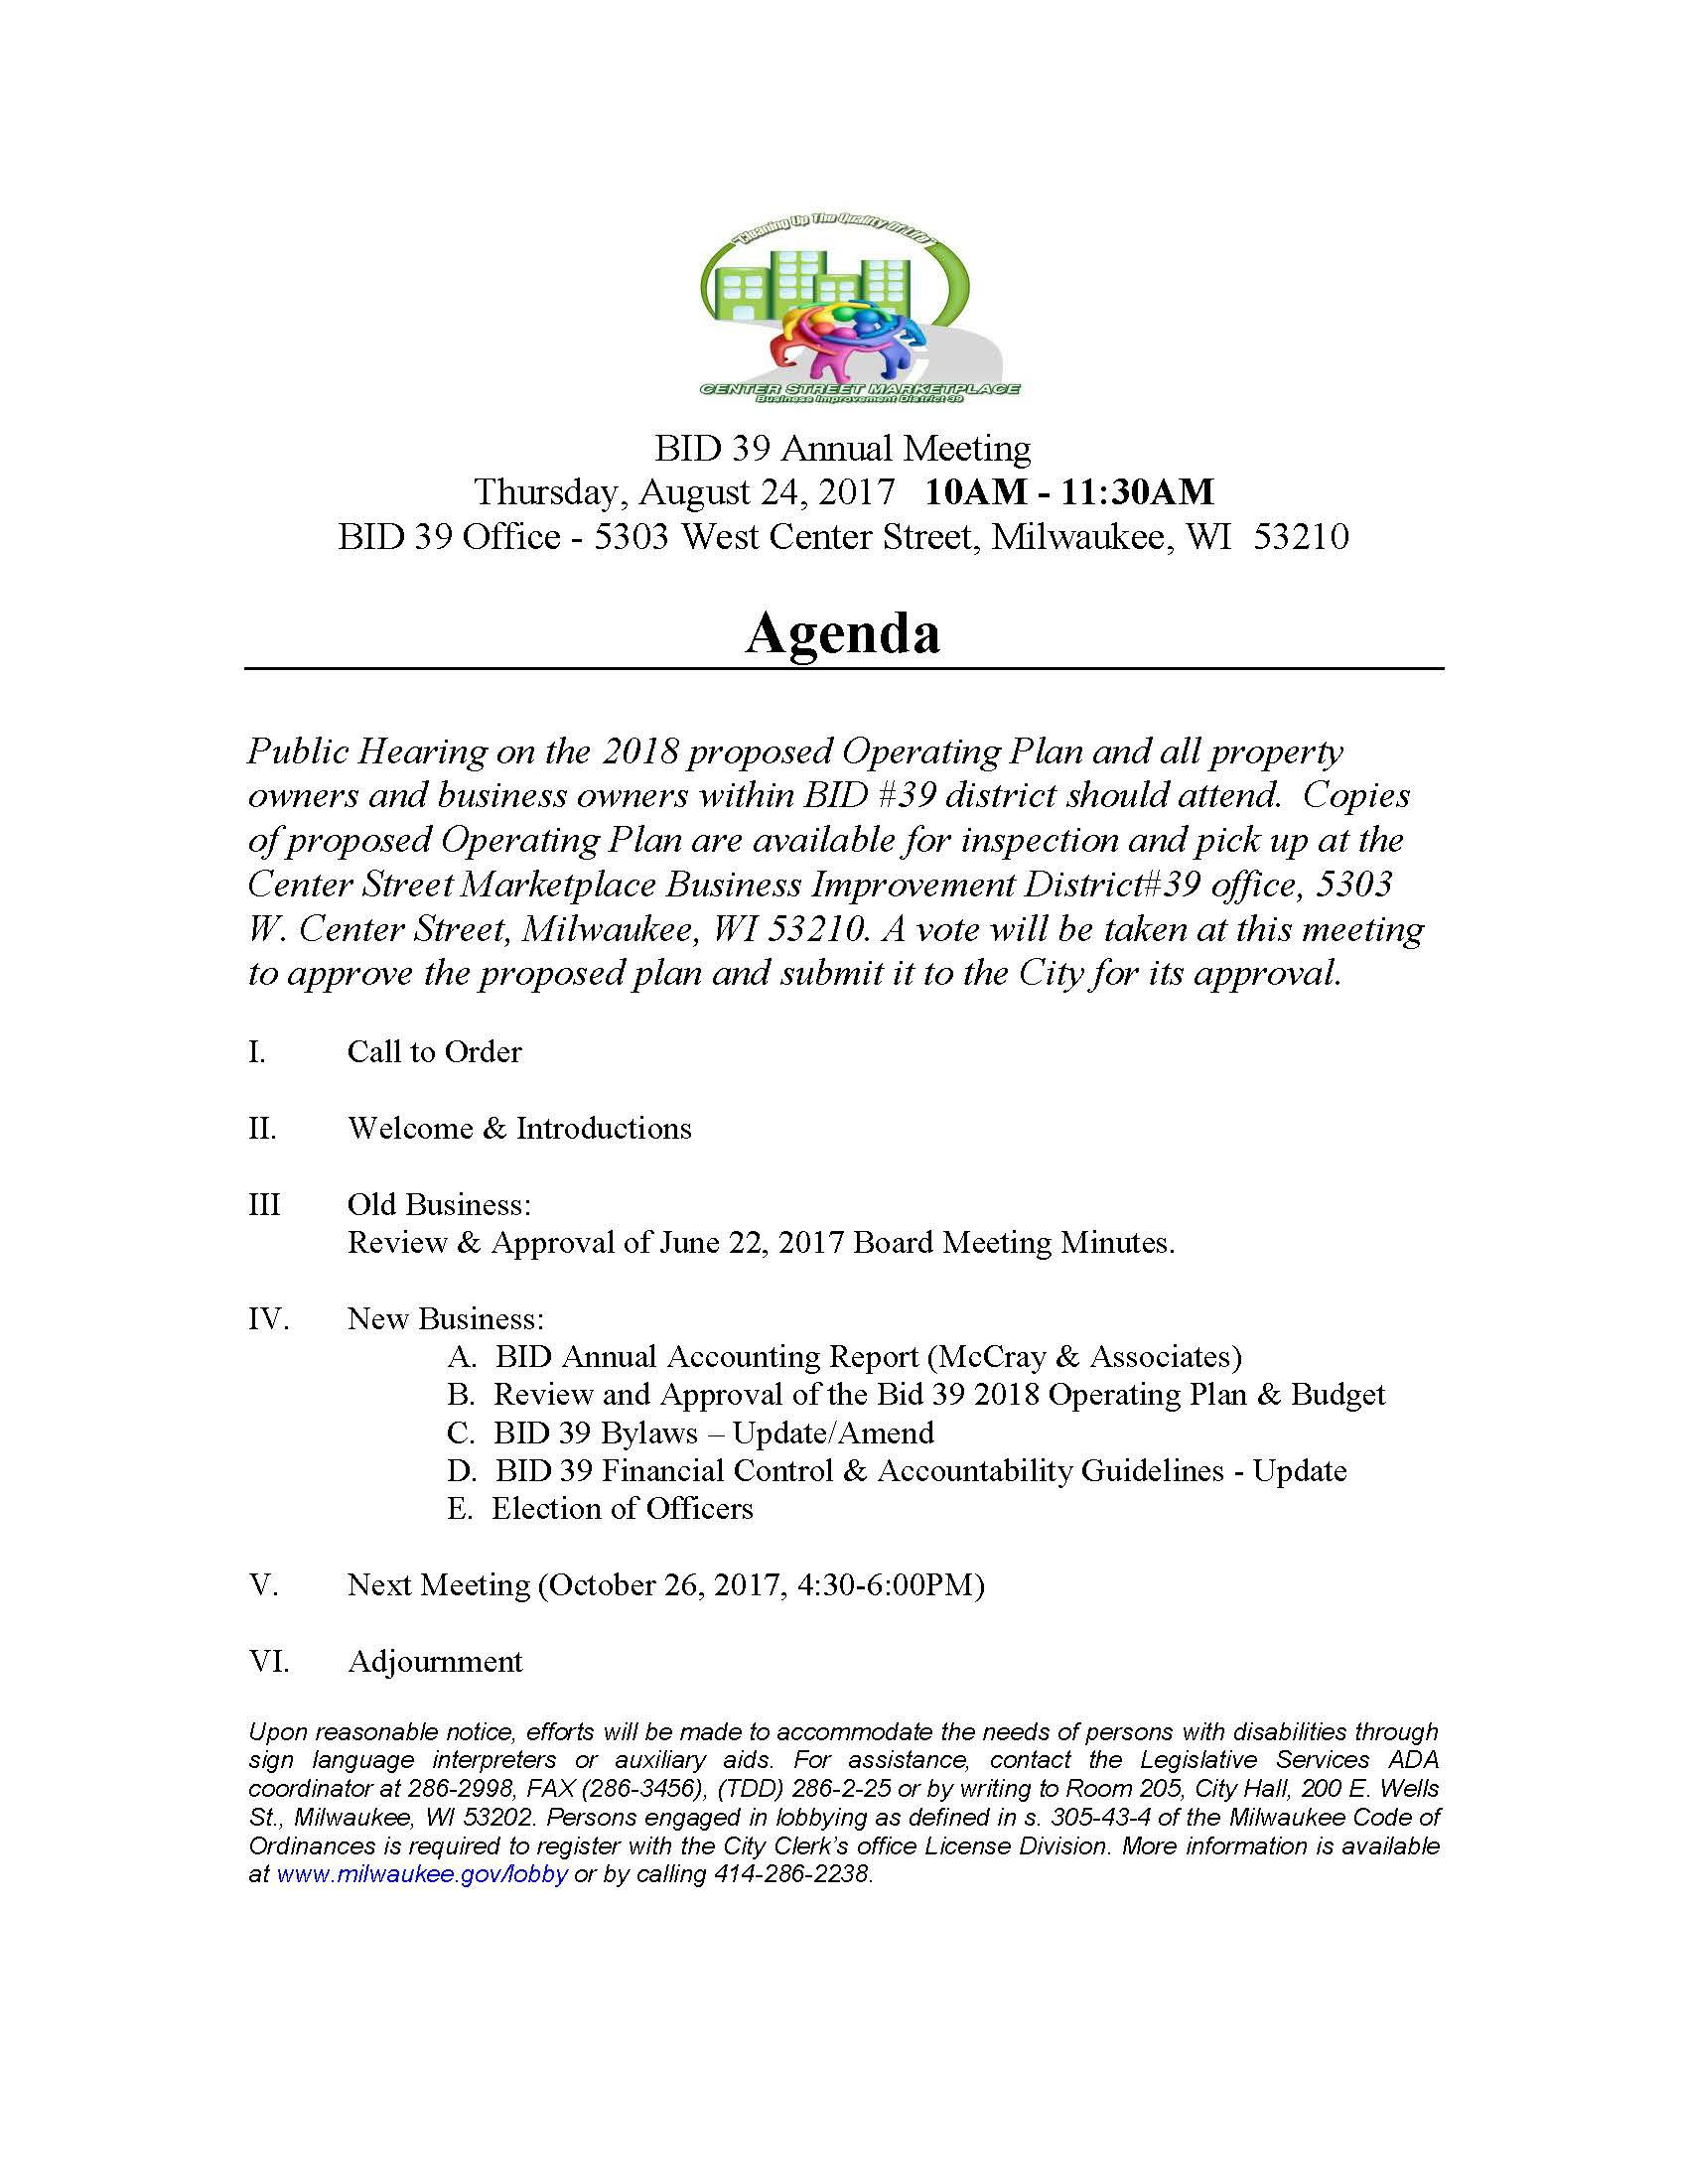 BID 39 Annual Meeting 8.24.17